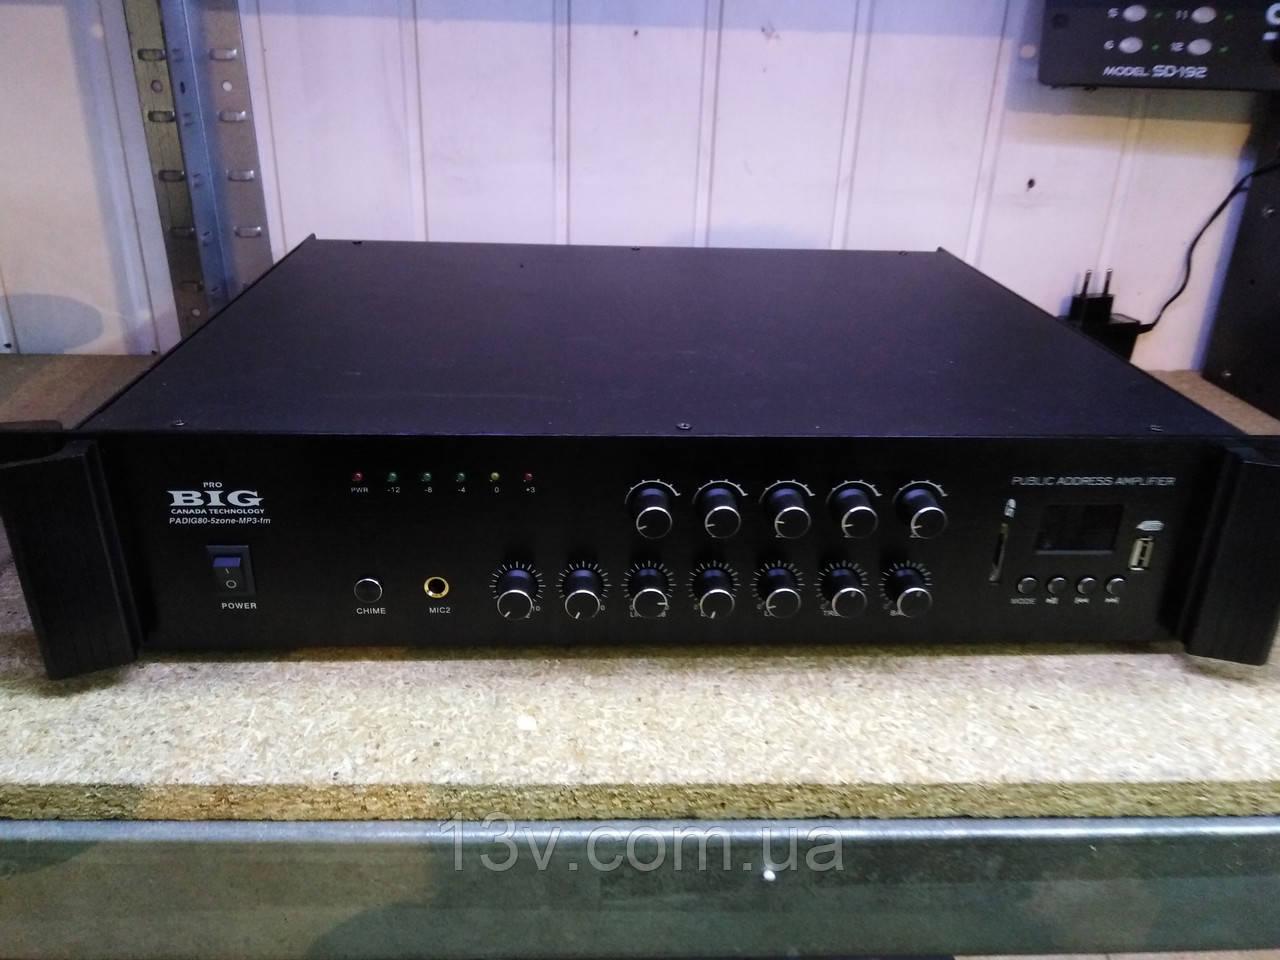 Підсилювачь BIG PADIG170 5zoneUSB/MP3/FM/BT 100v